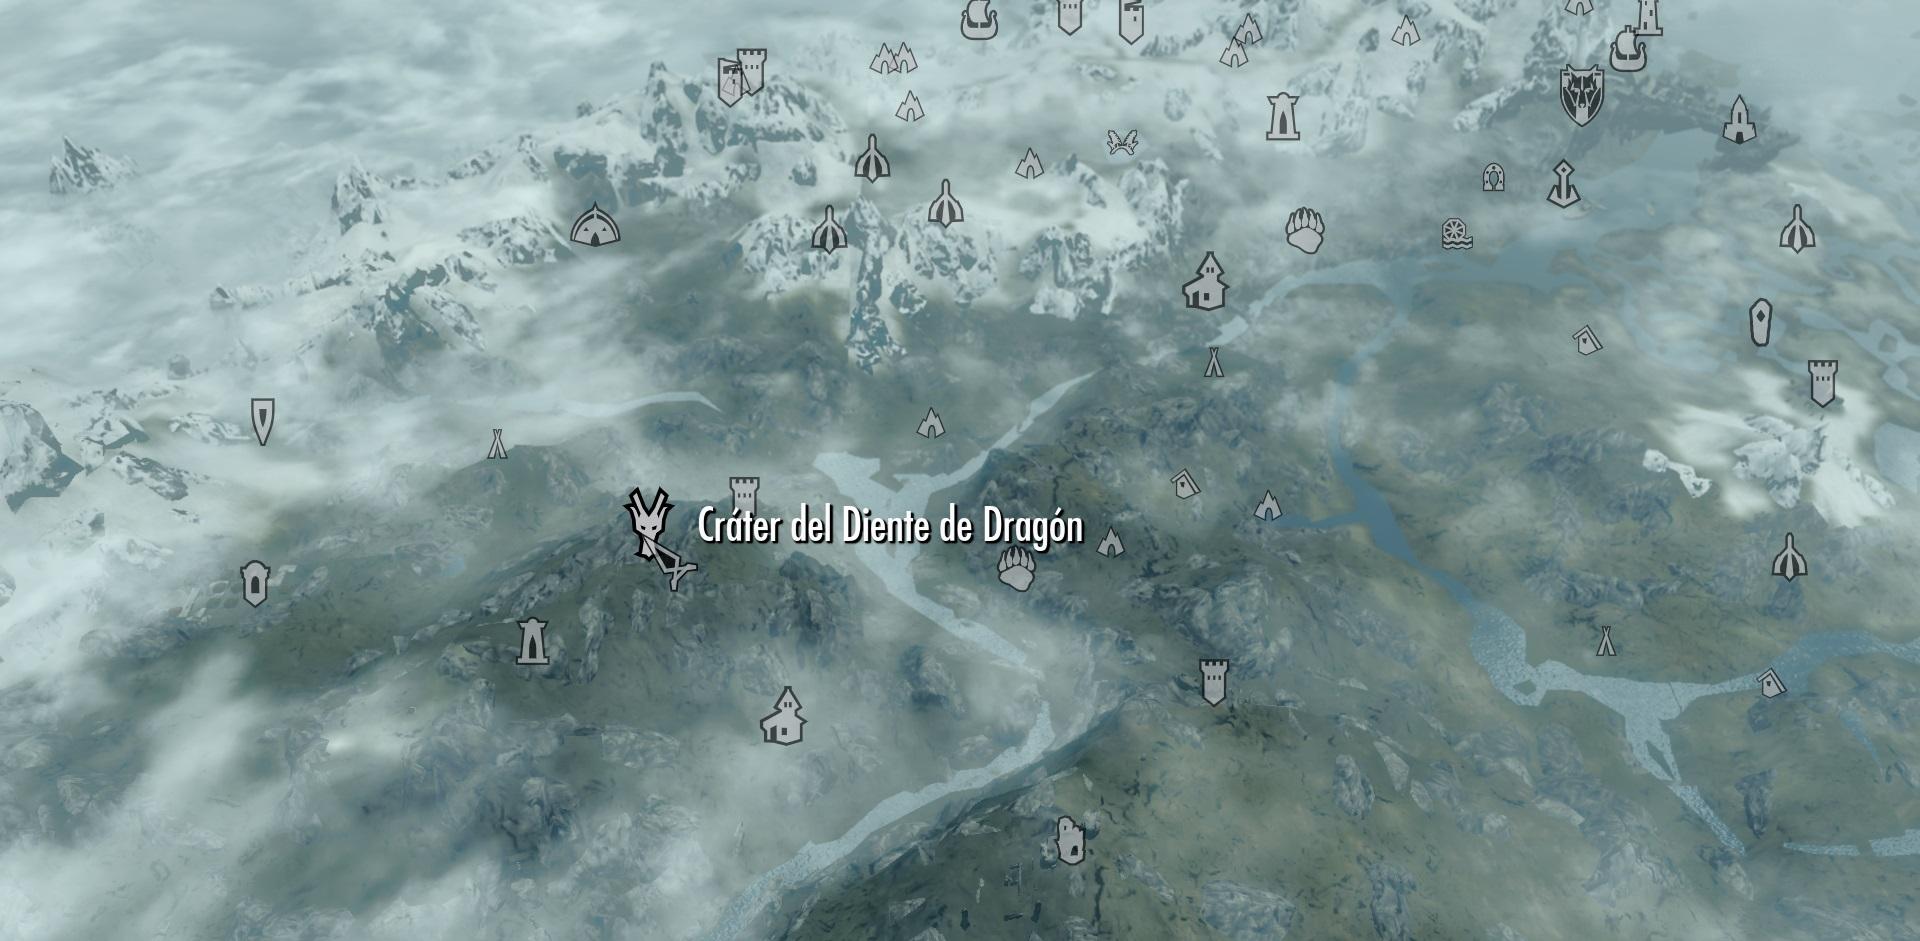 Cráter del Diente de Dragón